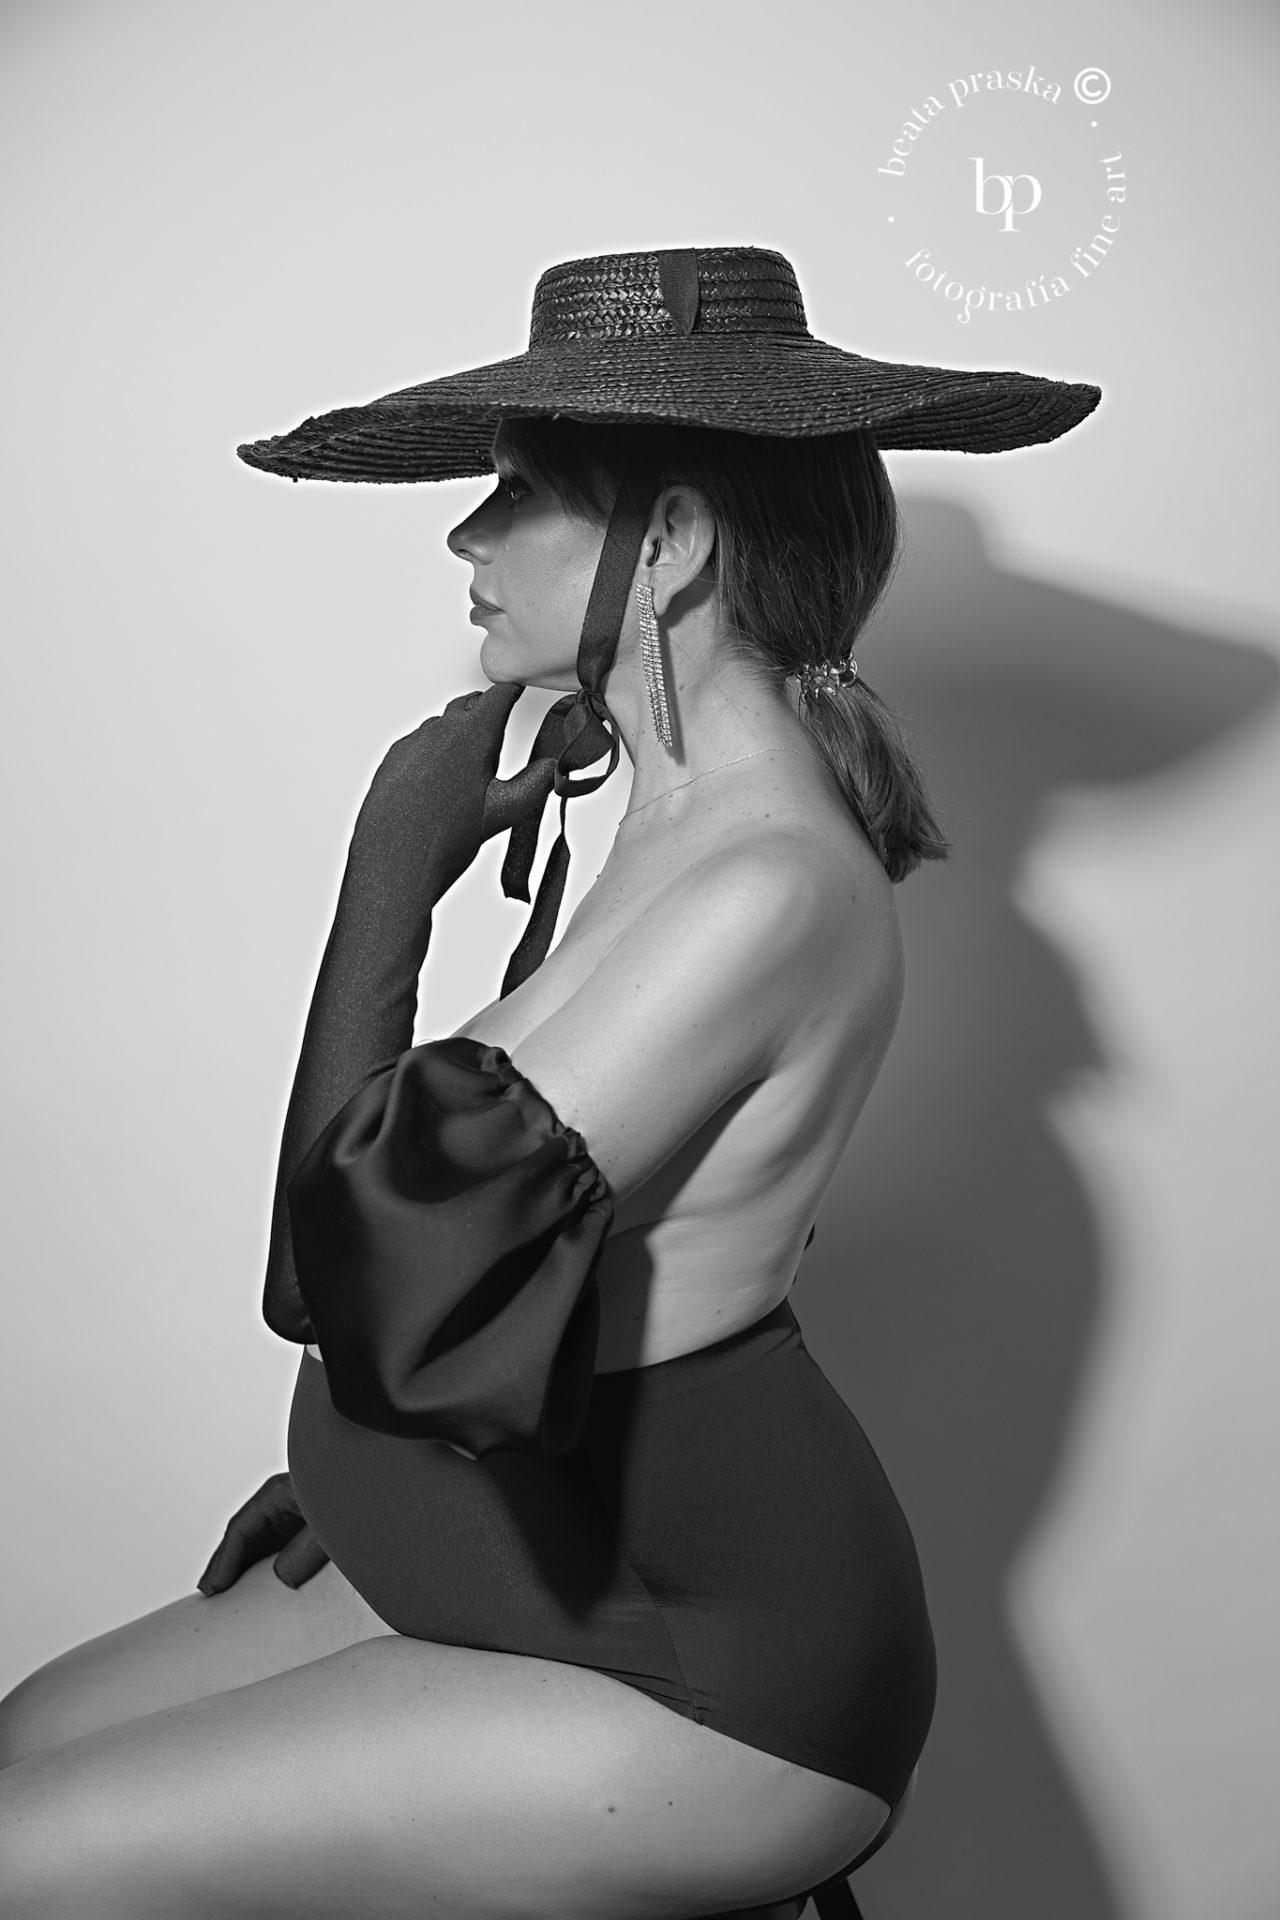 foto de mujer embarazada en sombrero en blanco y negro